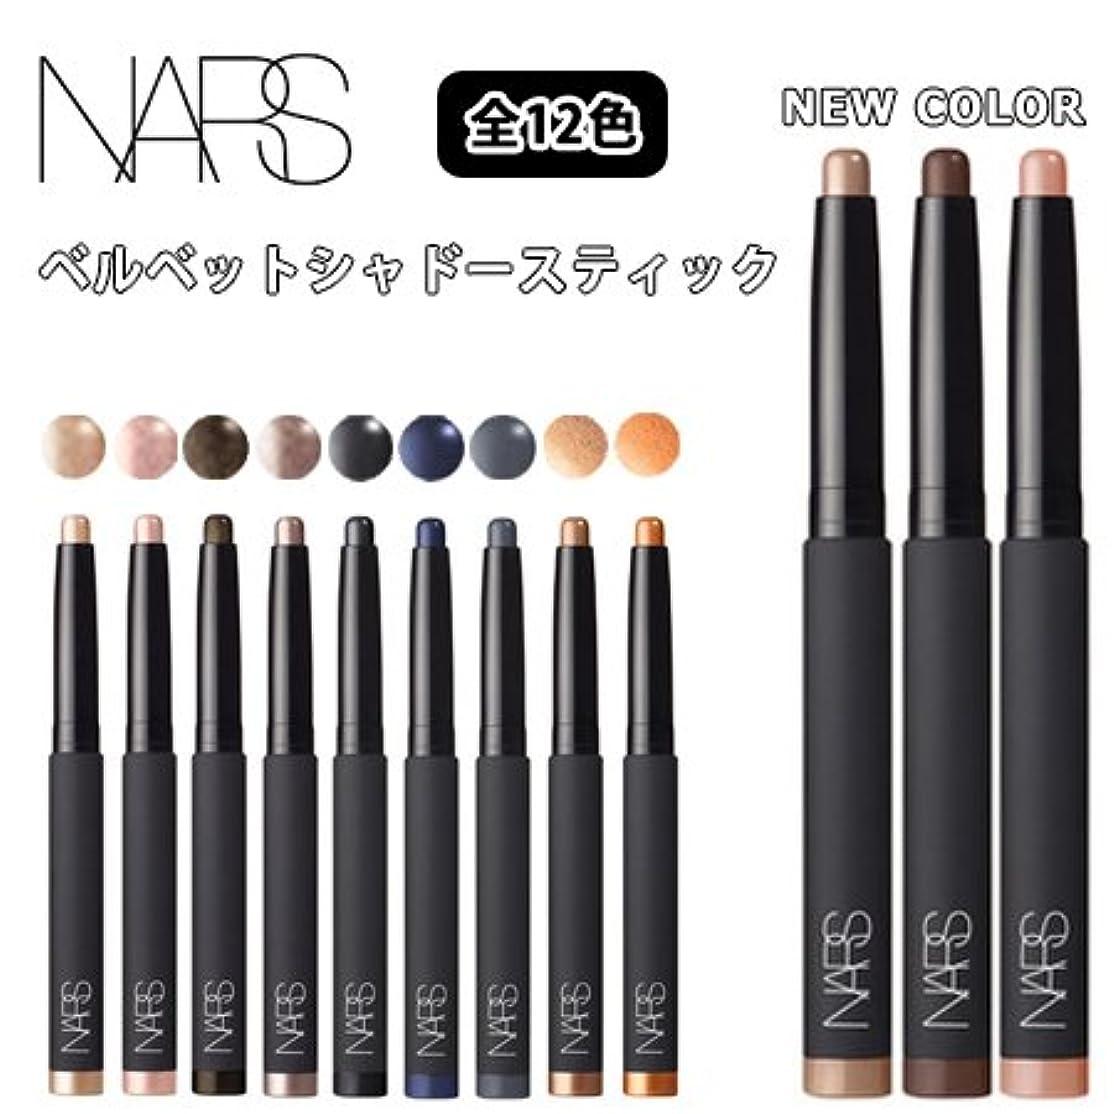 購入大人革命ナーズ ベルベット シャドースティック 全12色 -NARS- 【並行輸入品】 8256